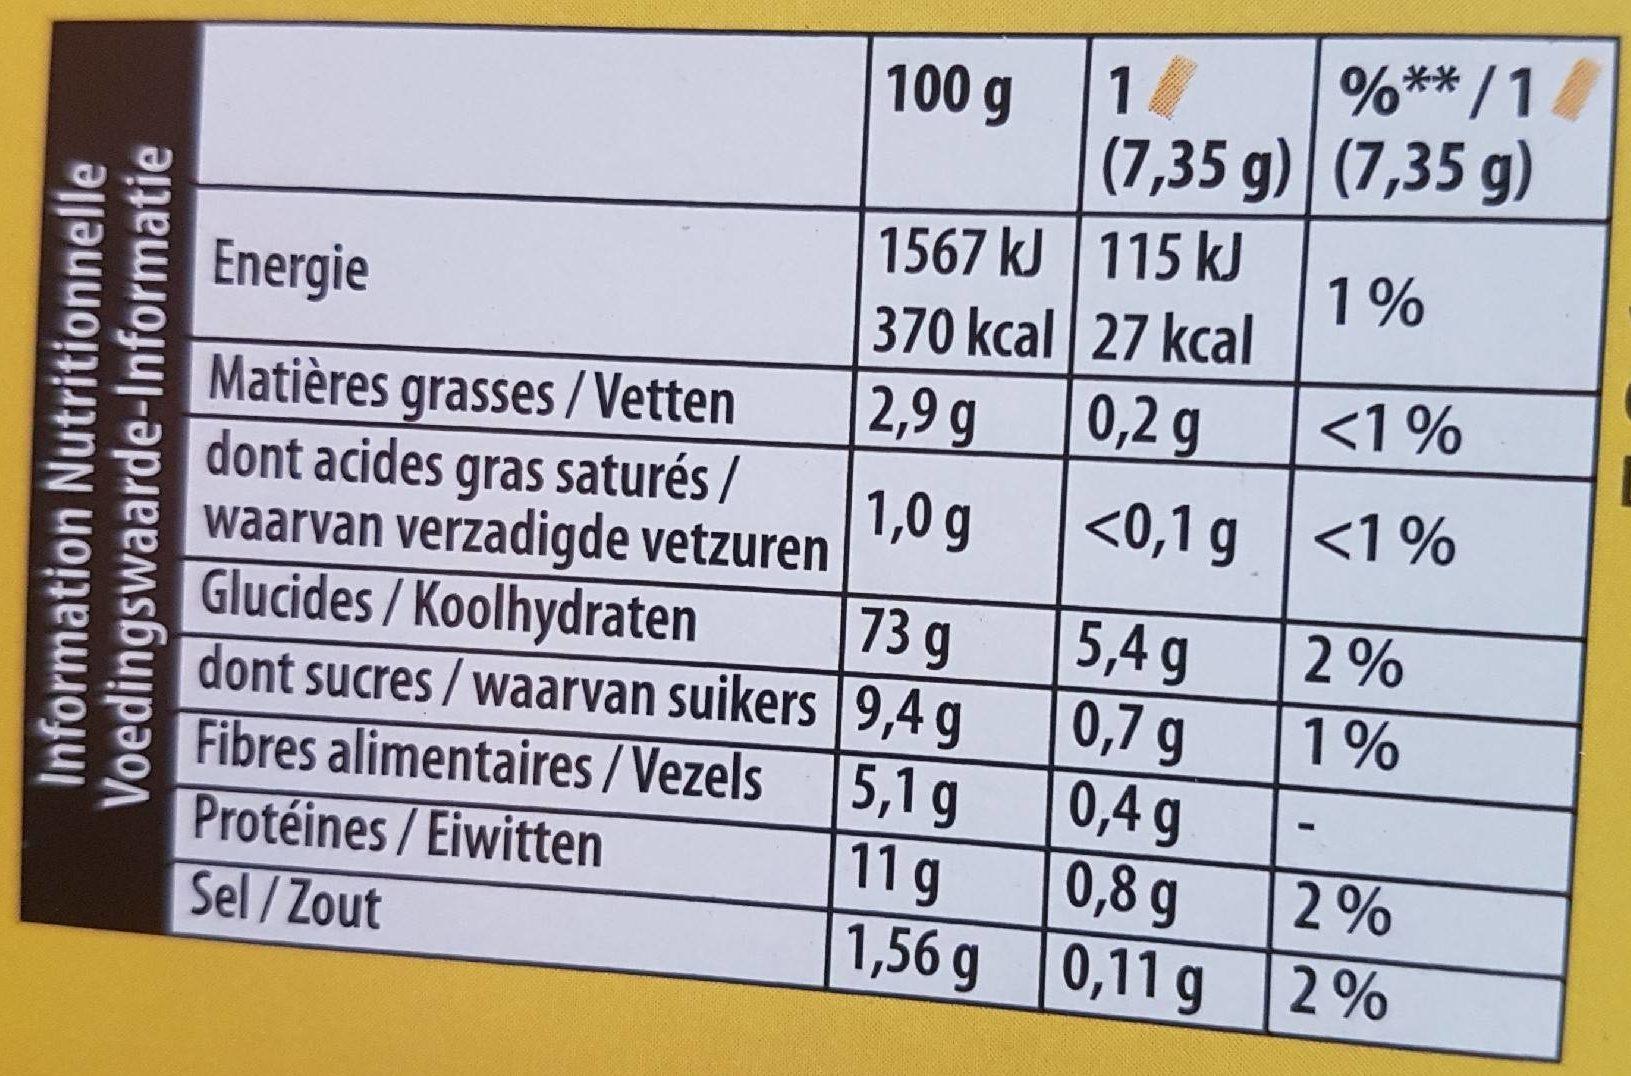 Cracotte Céréales Complètes - Informations nutritionnelles - fr